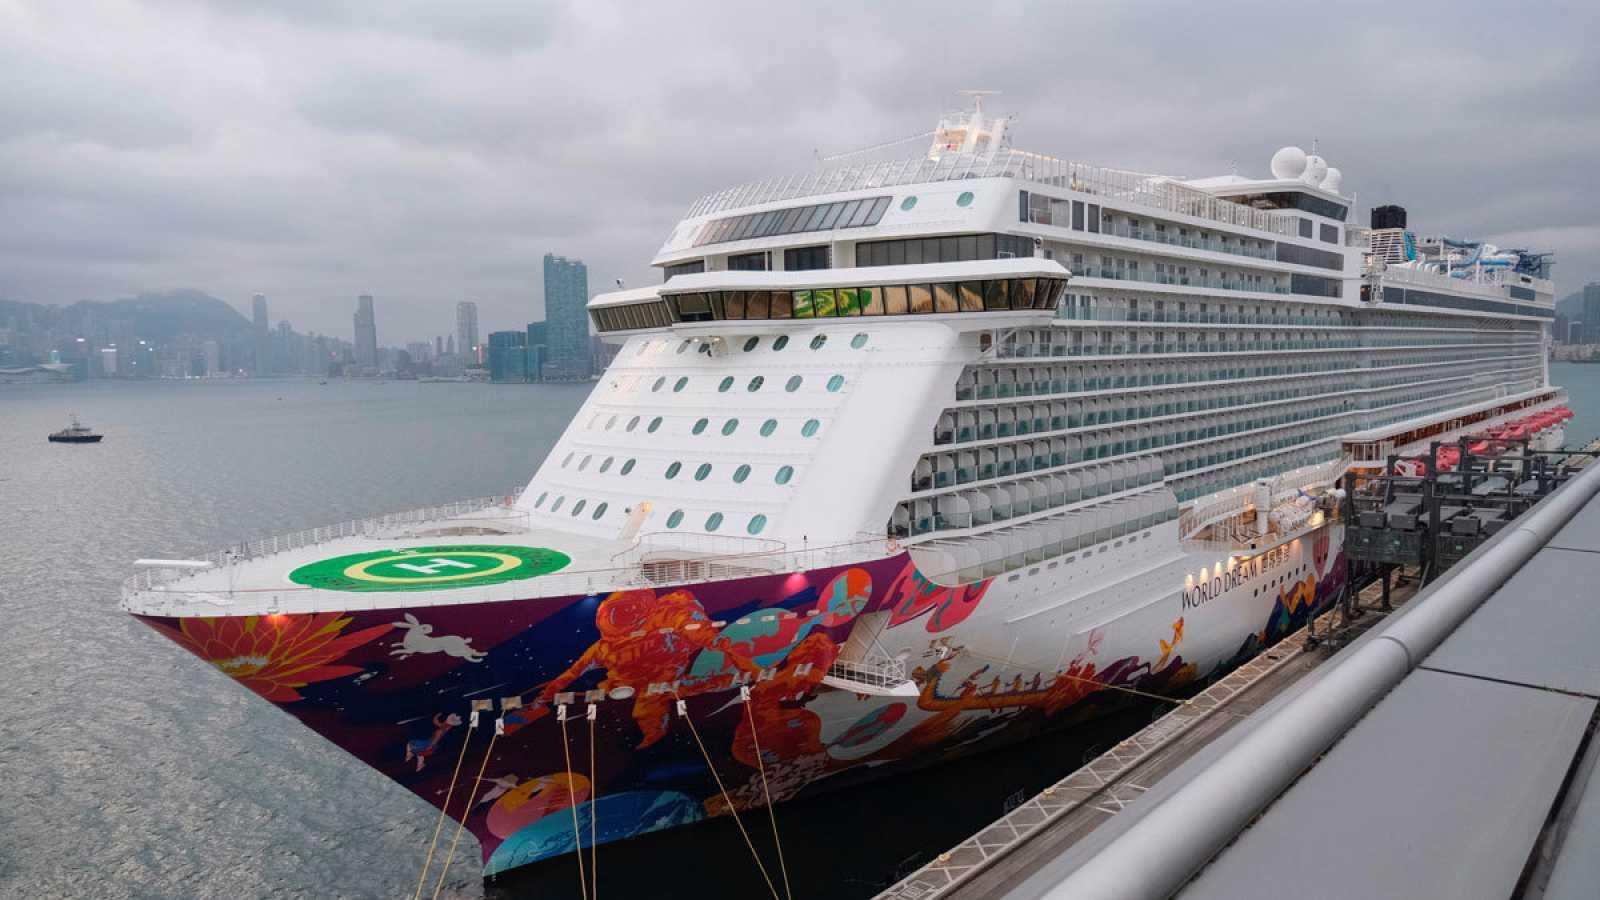 Fotografía del crucero 'World Dream', que fue retenido al entrar en Taiwán.